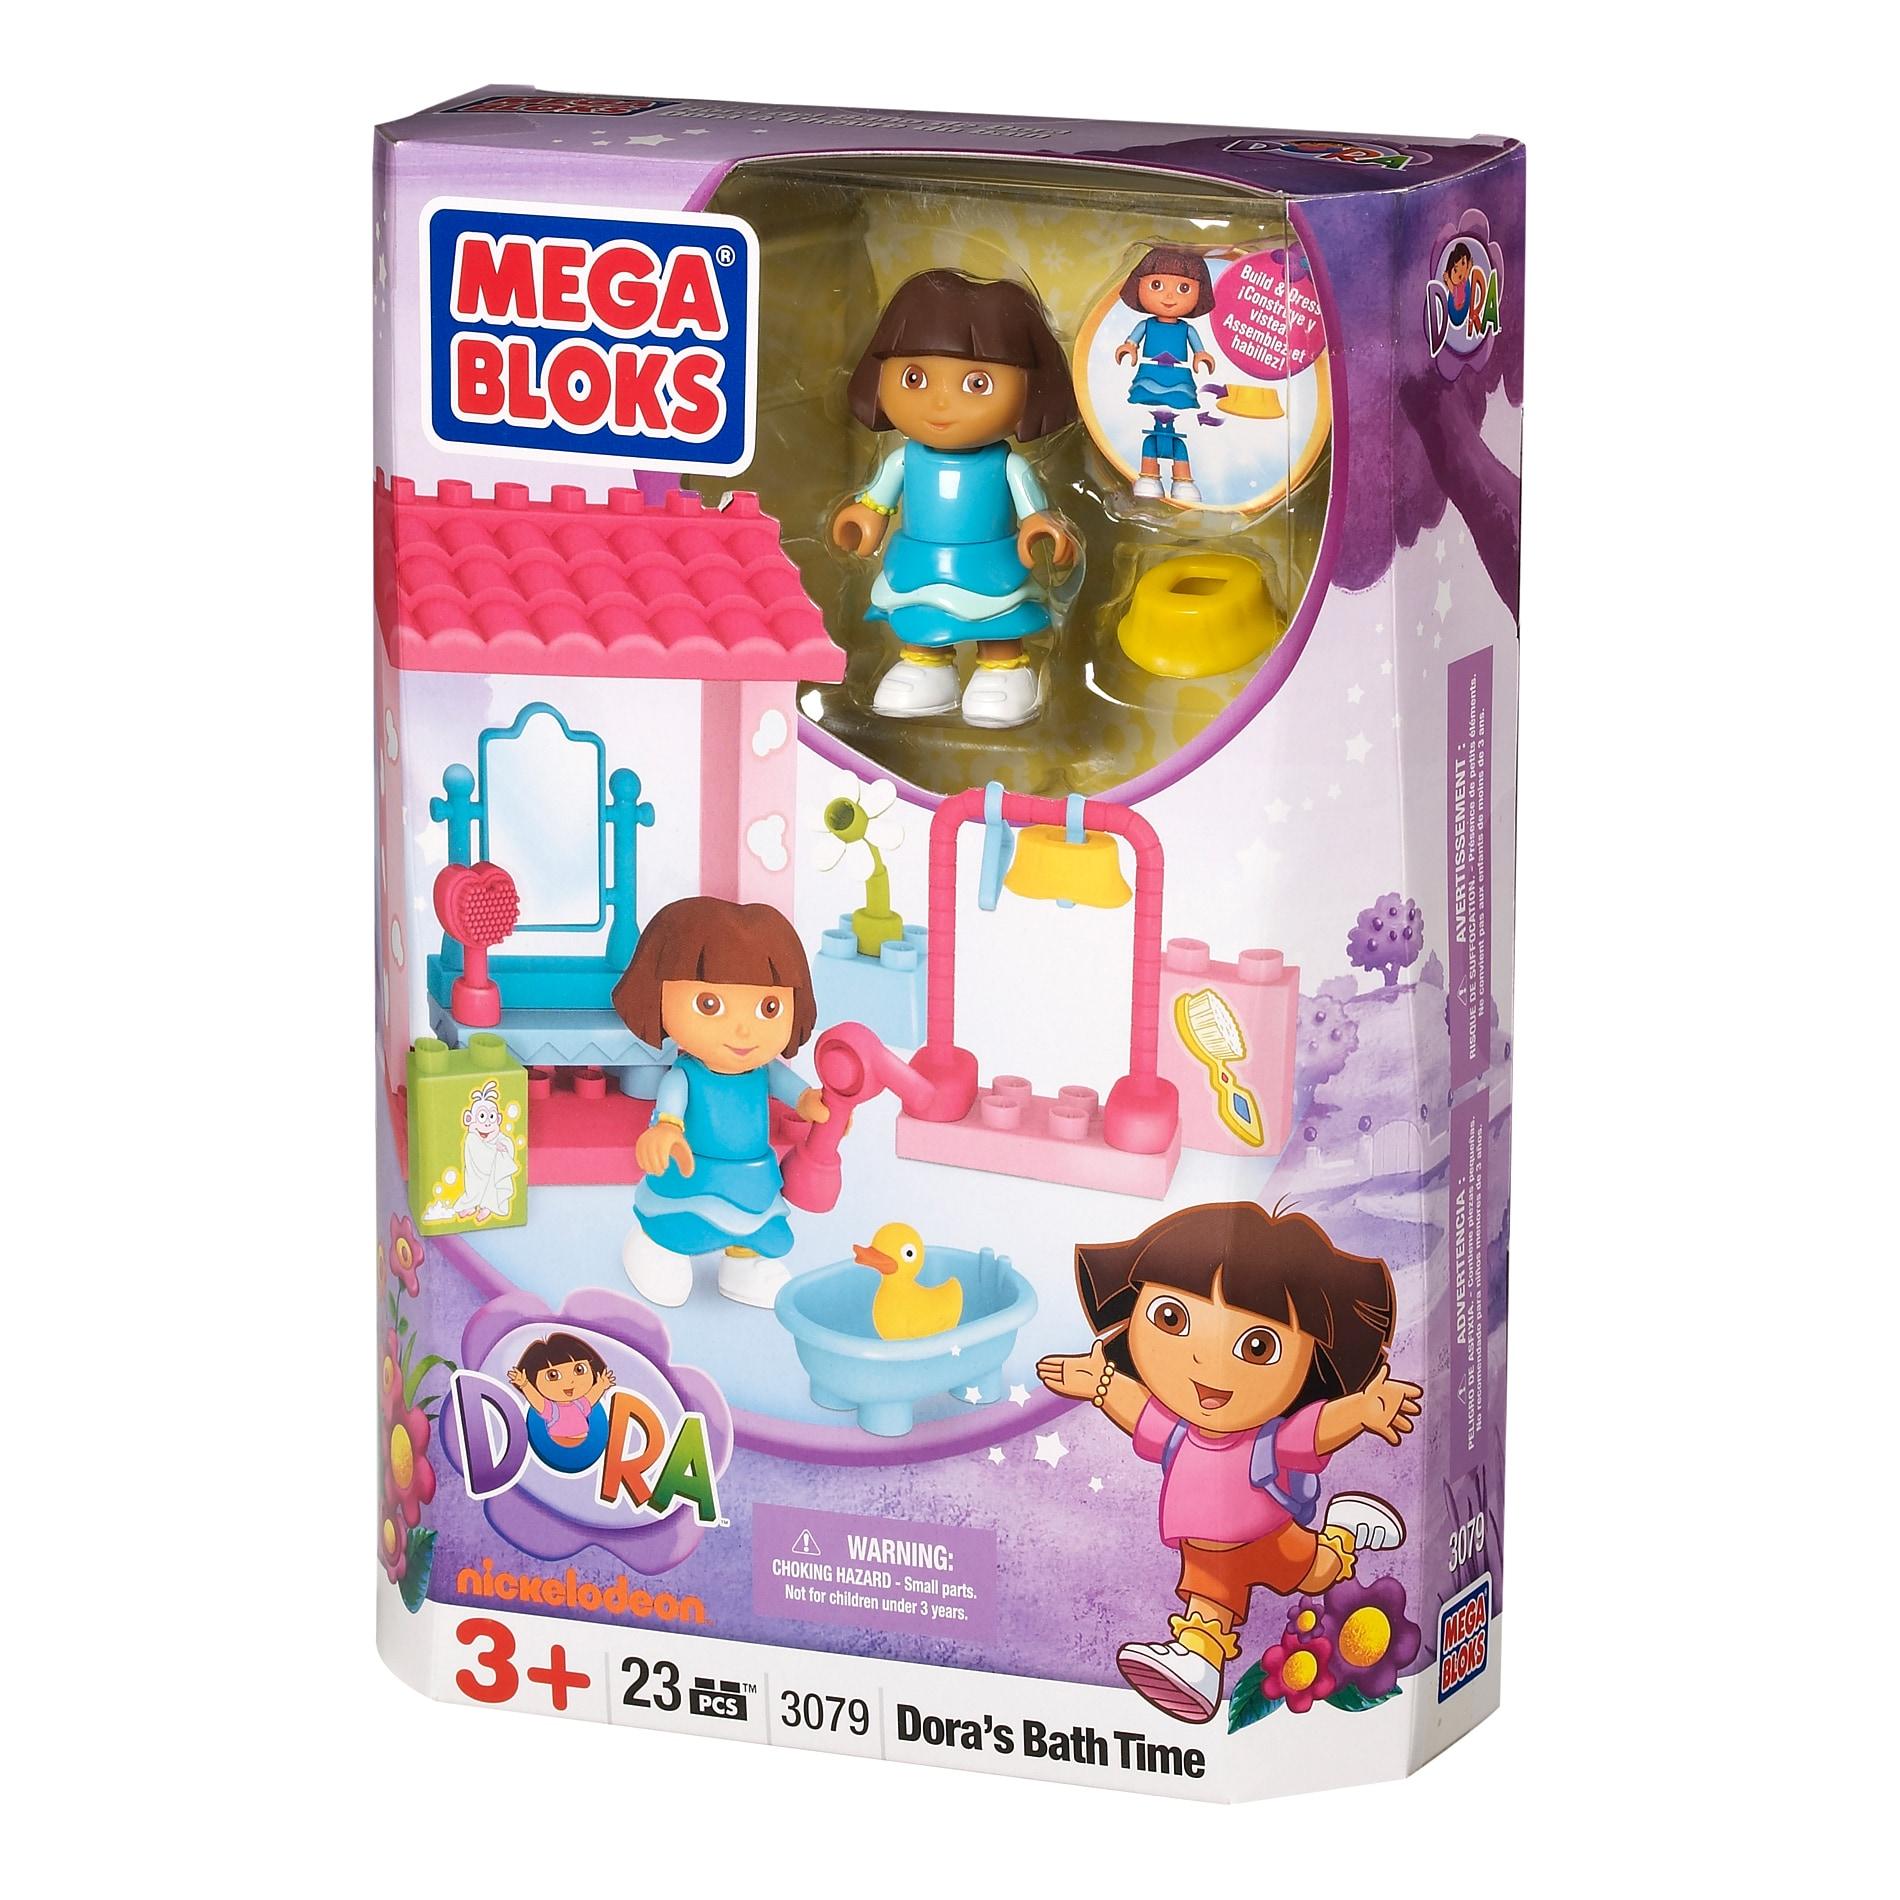 Mega Bloks Dora The Explorer Bath Time Adventure Play Set